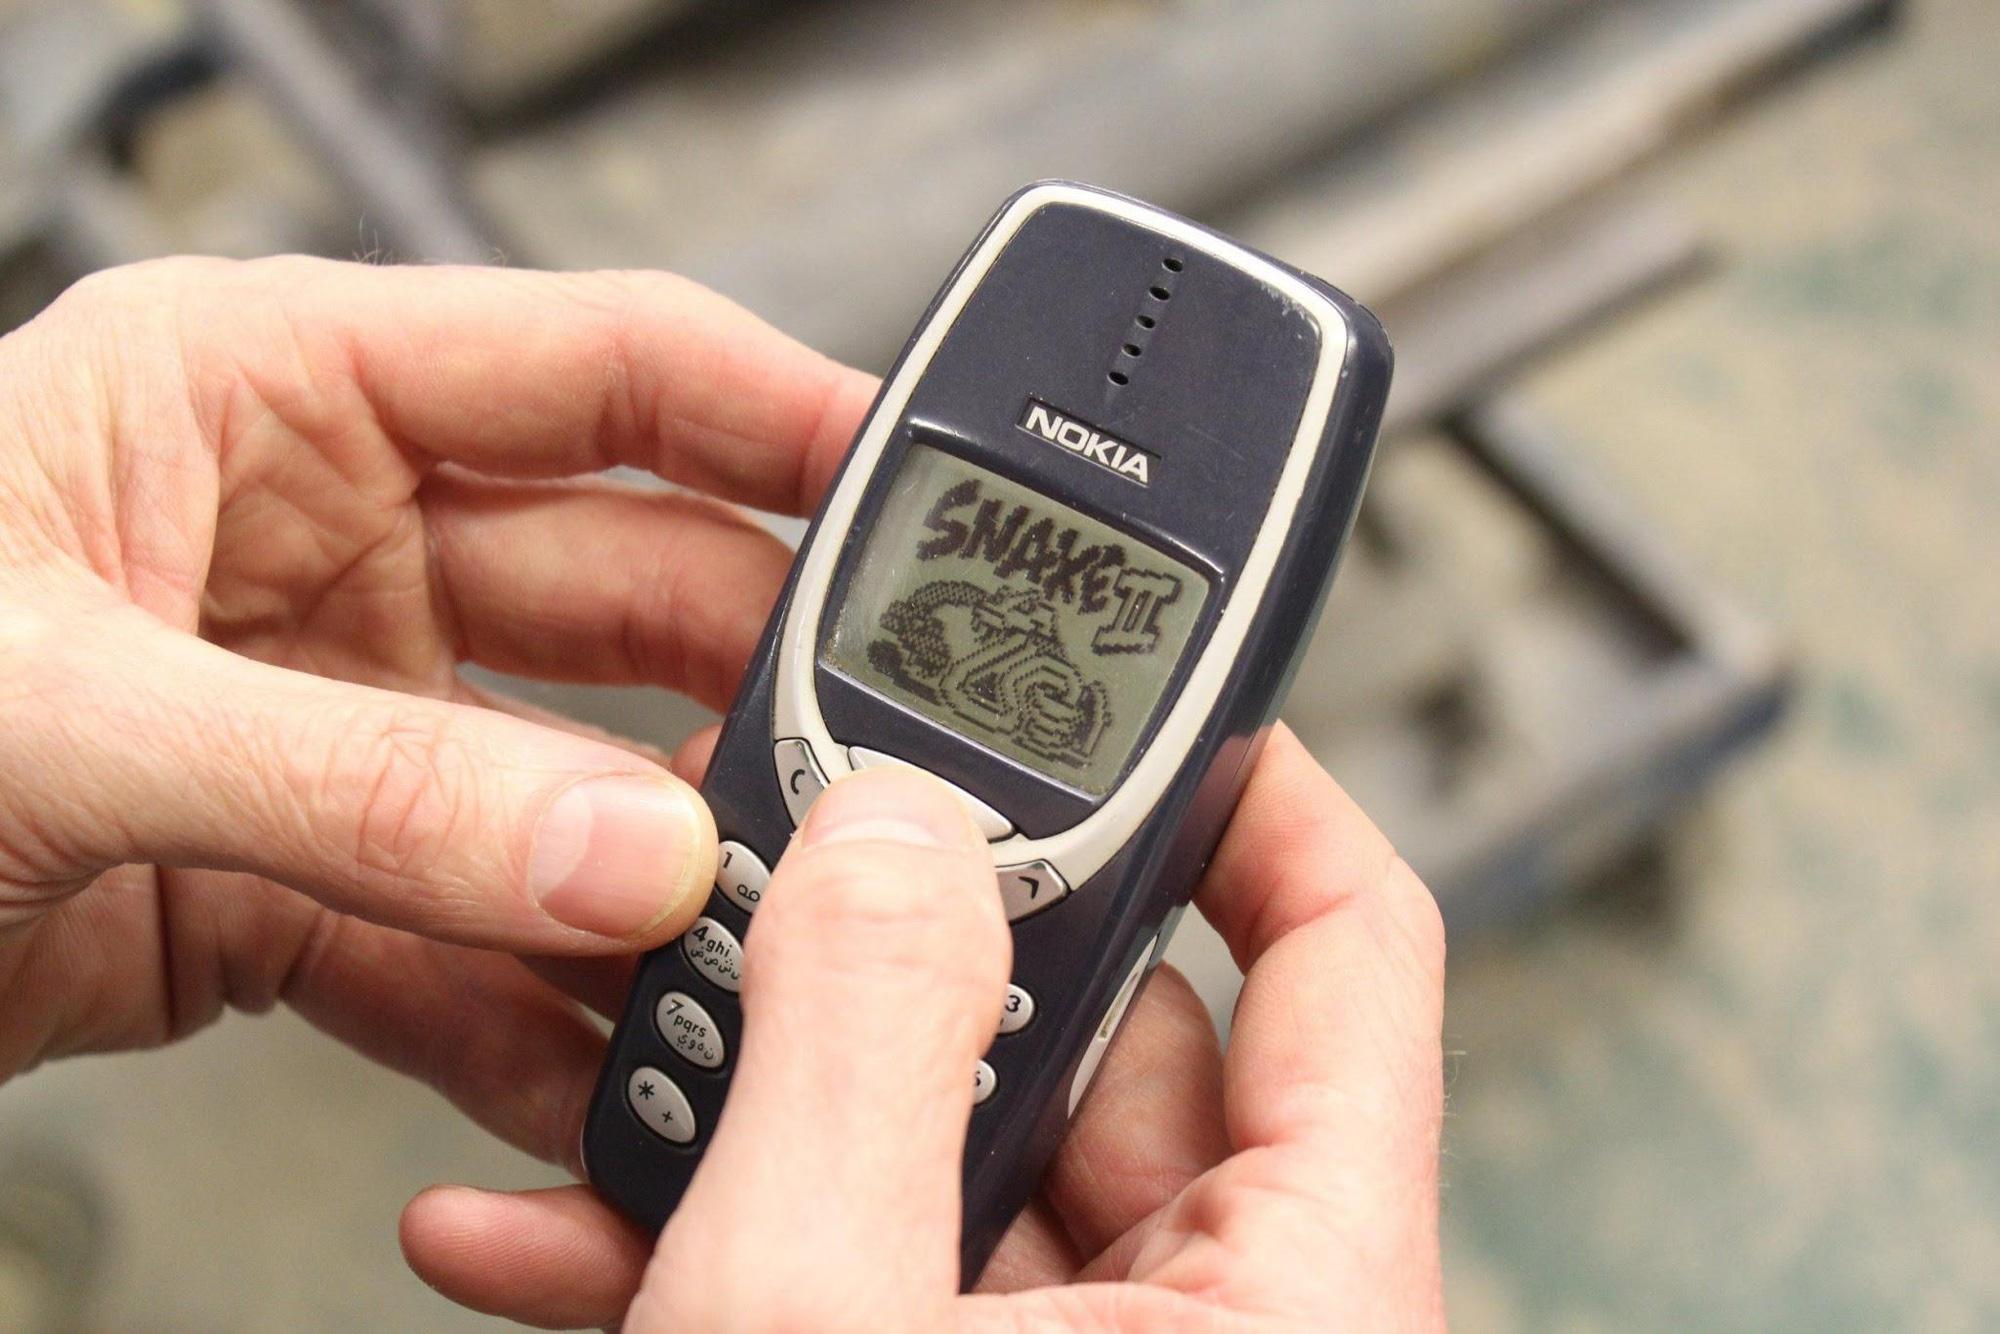 Sự tiến hóa của thiết bị di động: Nhỏ gọn, nhiều tính năng, giá rẻ hơn bao giờ hết - Ảnh 2.